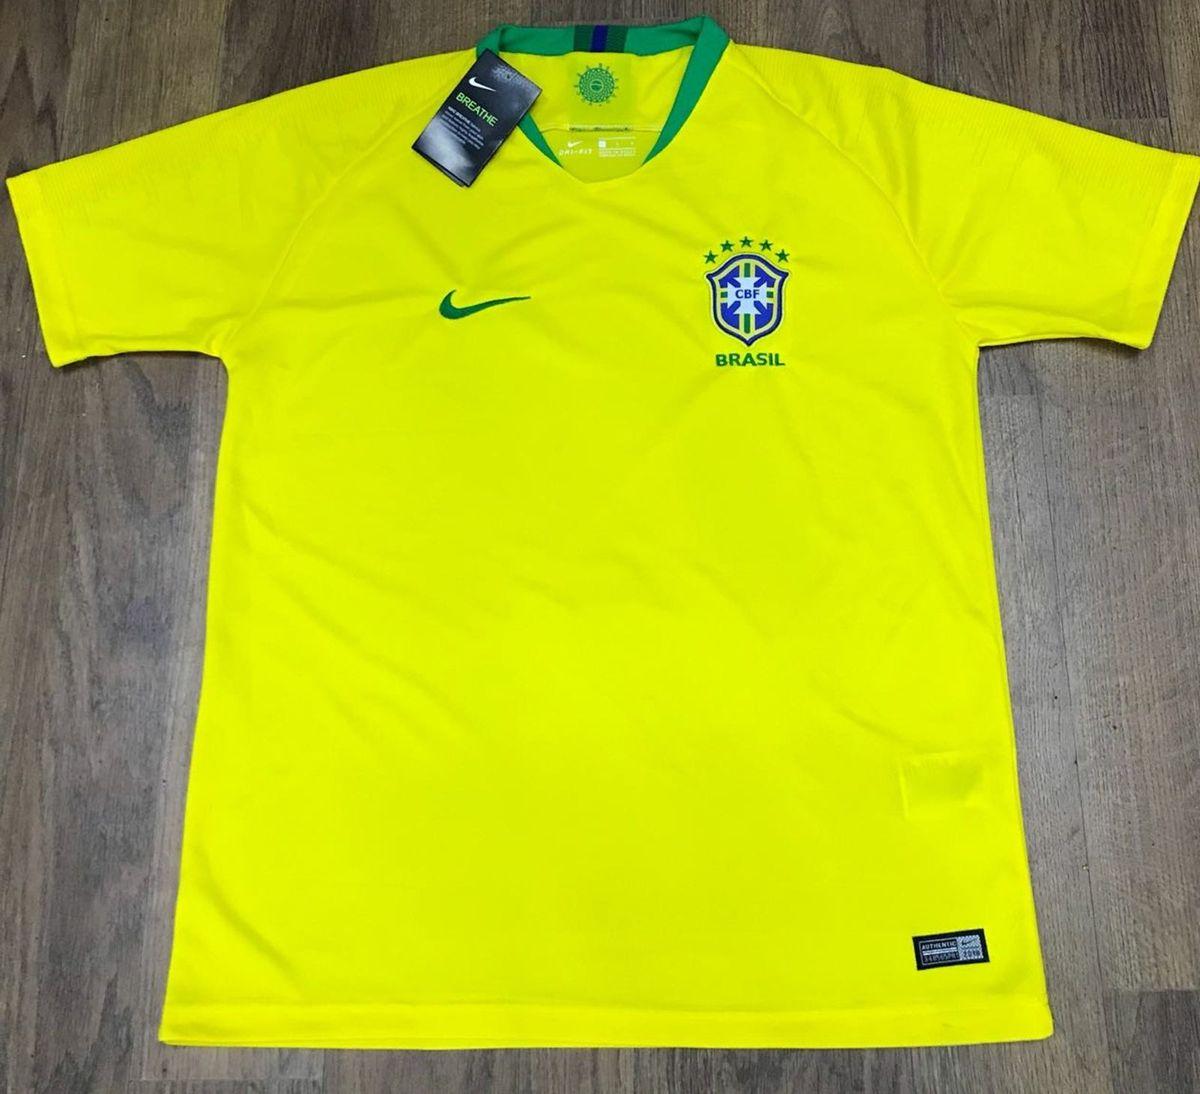 7783d1f8f7 camiseta seleção brasileira - camisas nike.  Czm6ly9wag90b3muzw5qb2vplmnvbs5ici9wcm9kdwn0cy84odiymzq5lzviownhnzixmmiwmdzhzta0otmzm2ixowe5n2qzmwfklmpwzw  ...